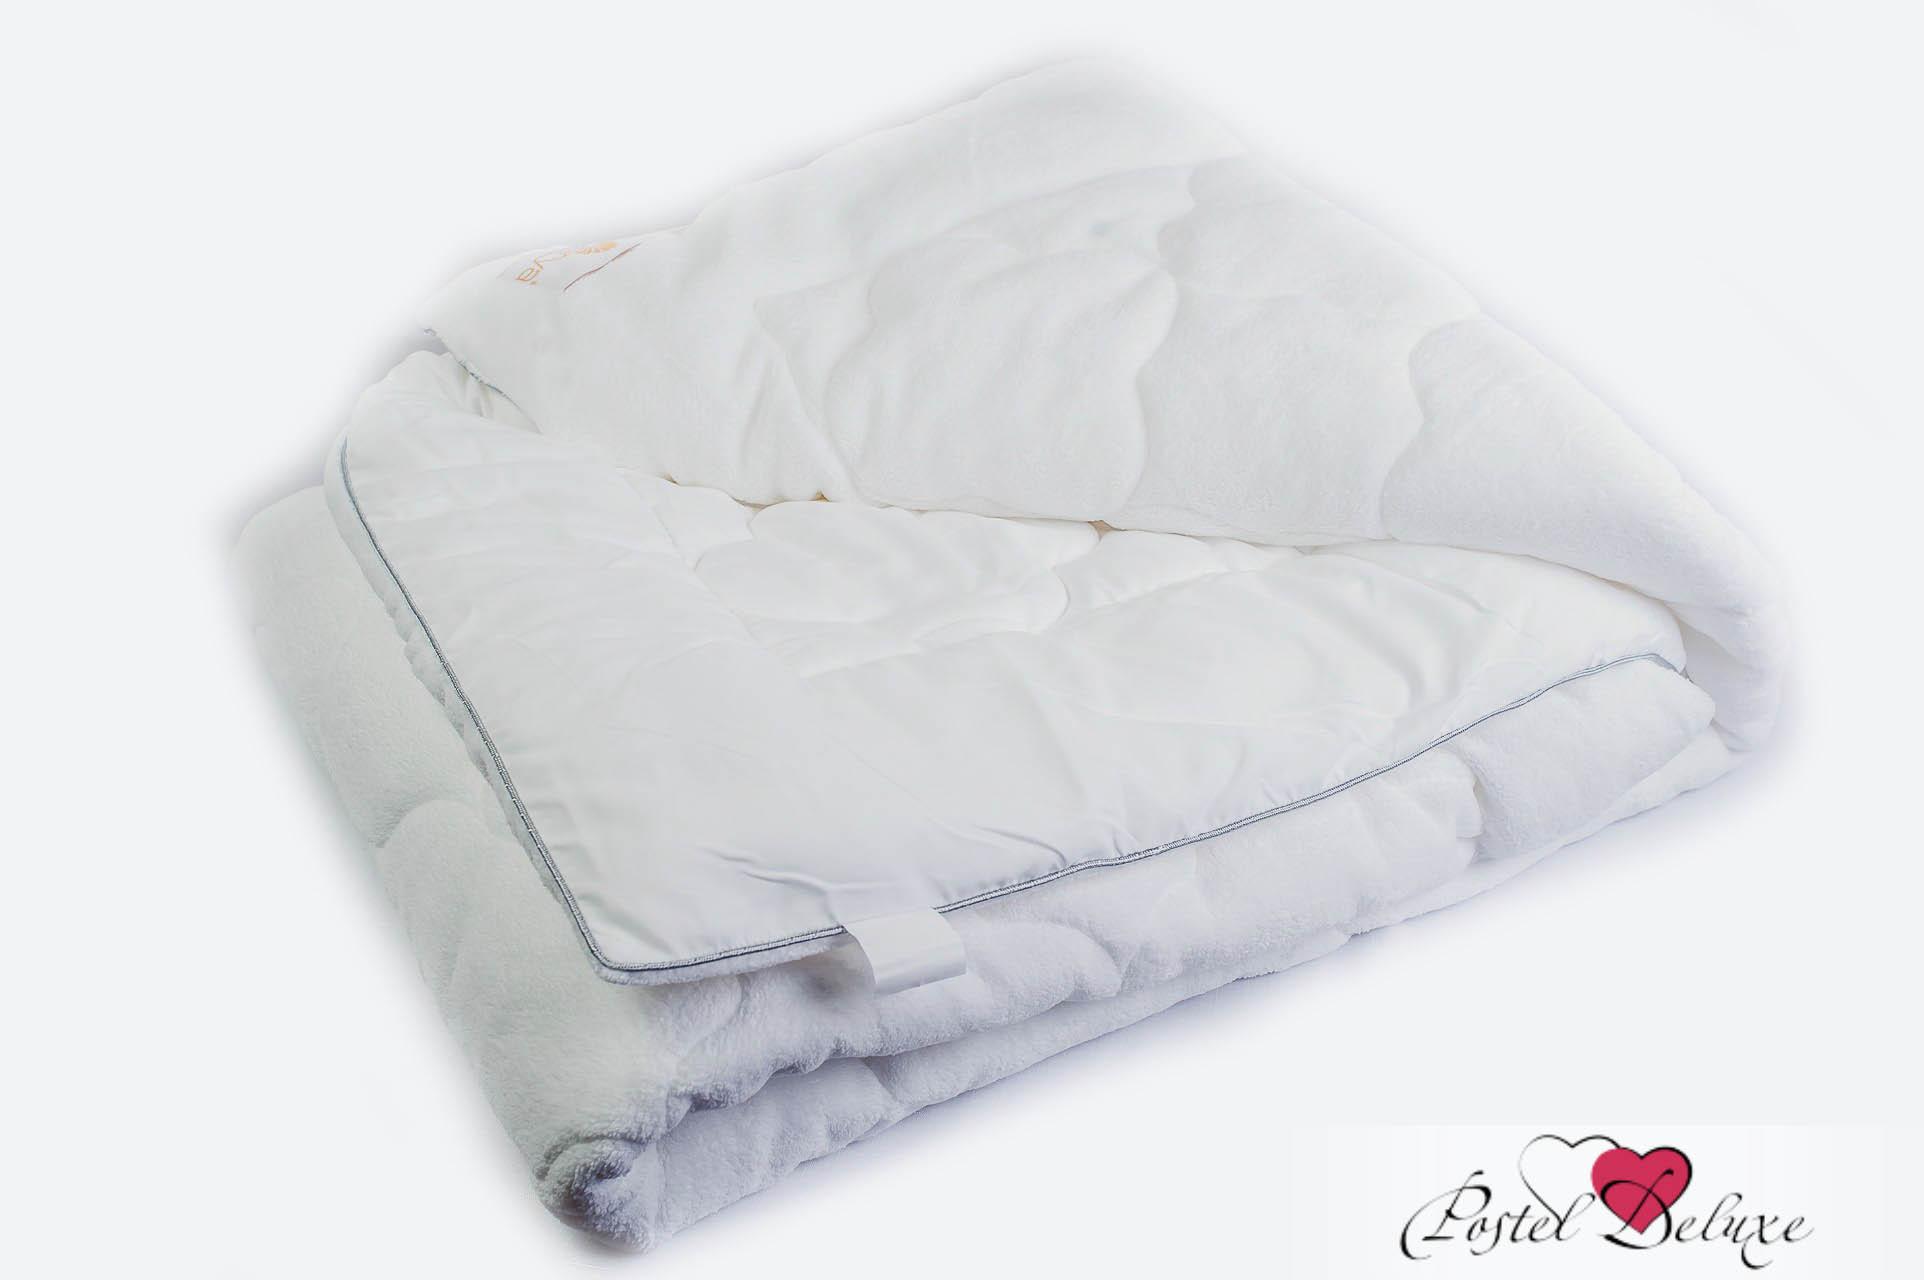 Одеяло AryaОдеяла<br>Одеяло стёганое всесезонное двуспальное (мал)<br>Размер: 195х215 см<br><br>Наполнитель: Силиконизированное волокно<br> (Микроволокно)<br>Плотность наполнителя: 250 г/м2<br>Состав: 100% Полиэфир<br><br><br>Материал чехла: Хлопоковый сатин,Микроплюш<br>Состав: Материал лицевой стороны чехла - 100% Полиэстер, Материал обратной стороны чехла - 100% Хлопок <br>Отделка: Кант<br><br>Производитель: Arya<br>Страна производства: Турция<br>Тип Упаковки: Чемодан ПВХ<br><br>Тип: одеяло<br>Размерность комплекта: 2-спальное<br>Материал: Хлопоковый сатин,Микроплюш<br>Размер наволочки: None<br>Подарочная упаковка: None<br>Для детей: нет<br>Ткань: Хлопоковый сатин,Микроплюш<br>Цвет: Белый